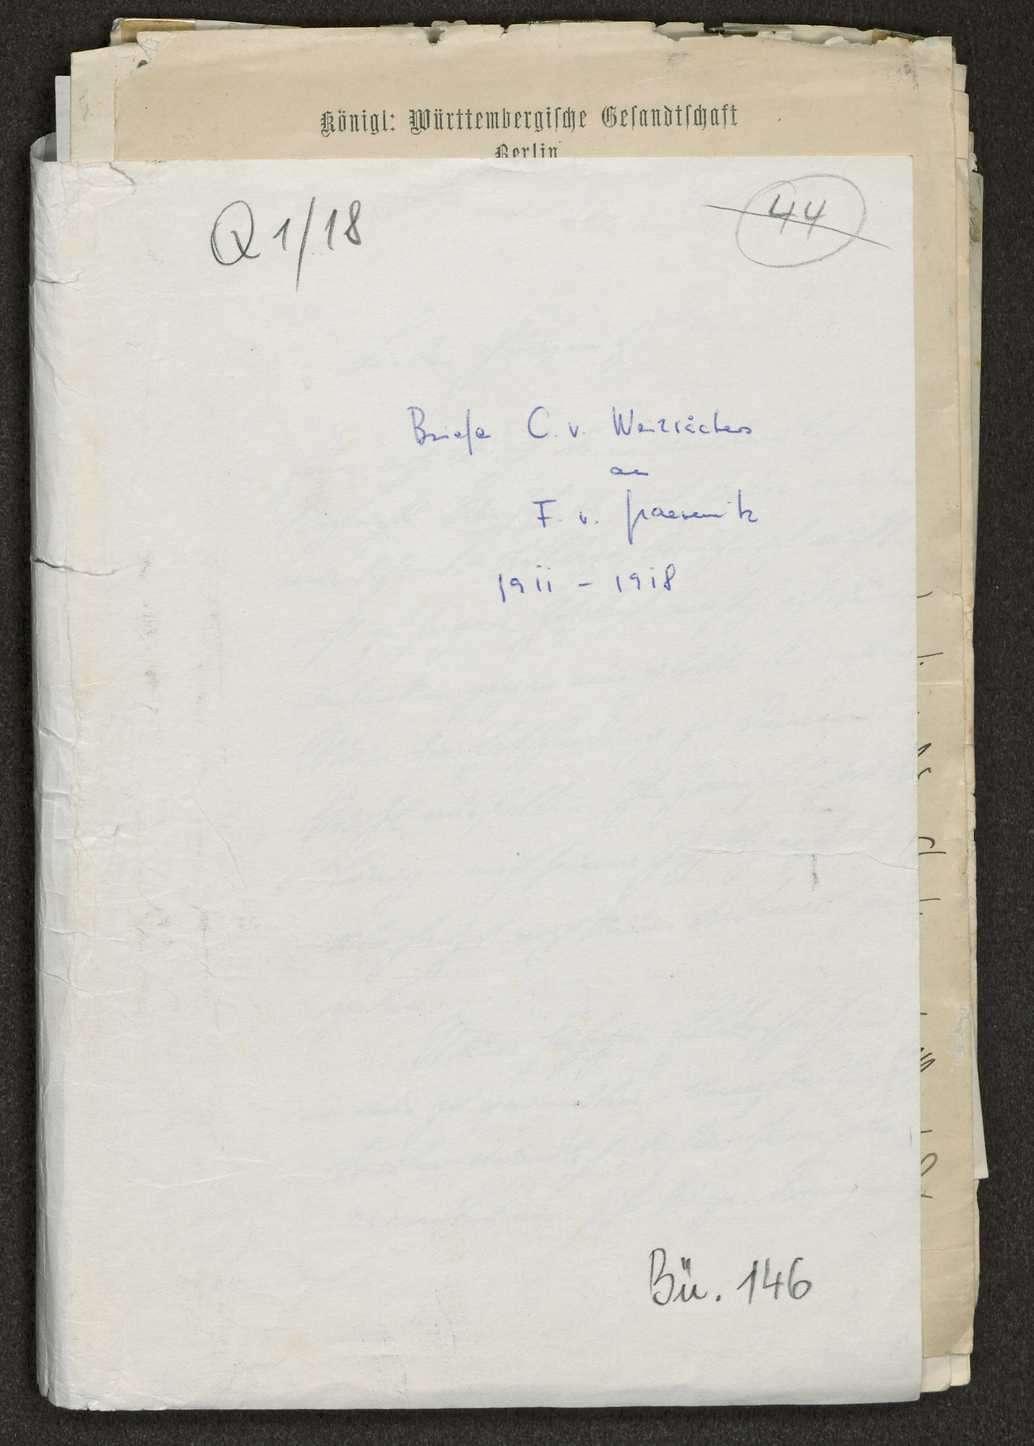 Schreiben Weizsäckers an Fritz von Graevenitz politischen, militärischen und privaten Inhalts, Bild 1